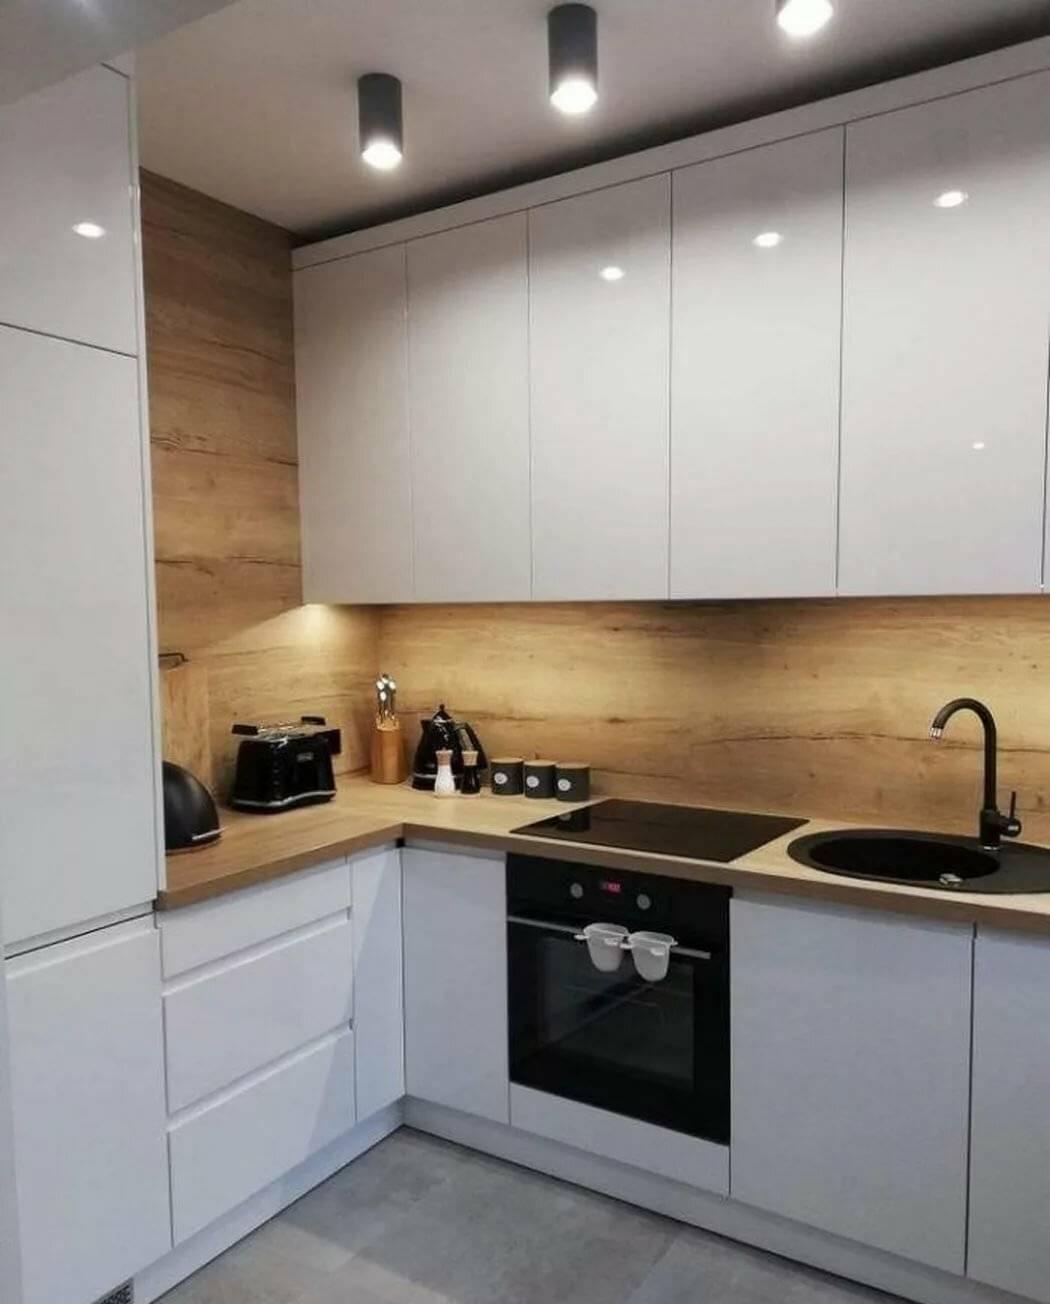 Можно ли делать натяжной потолок на кухне: можно ли устанавливать, как сделать, практичны ли, можно ли натягивать